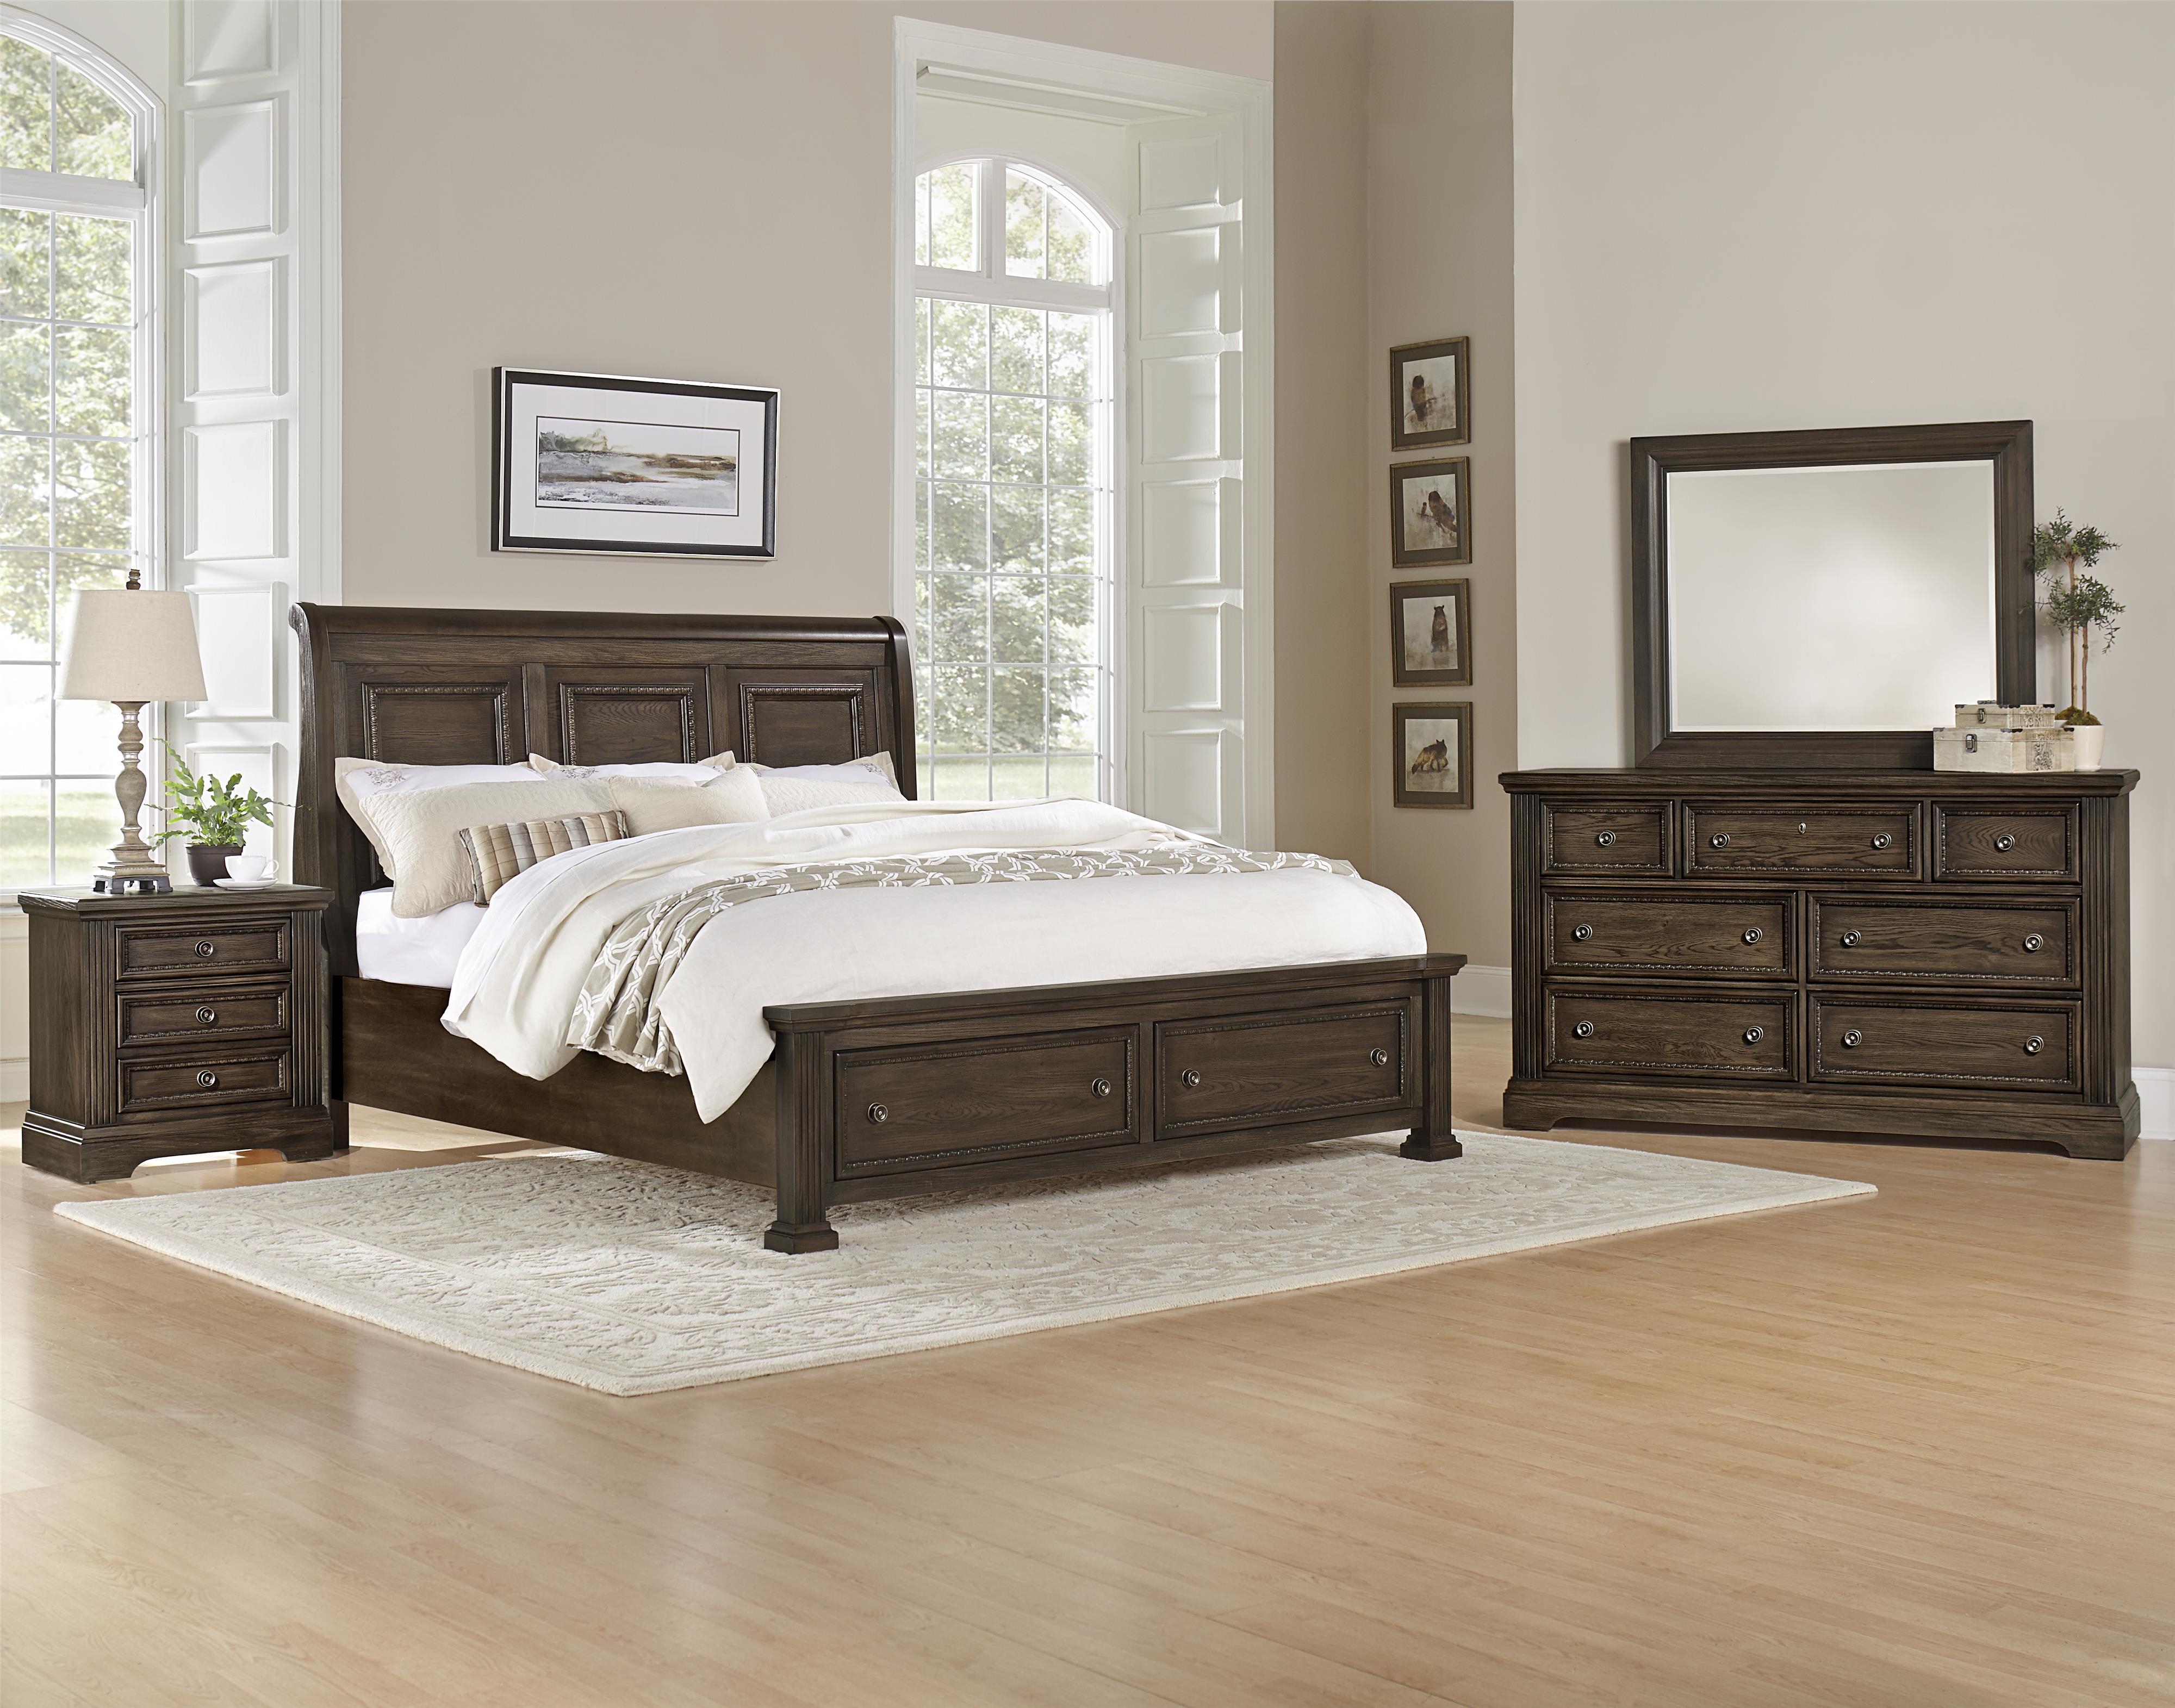 Vaughan Bassett Affinity Queen Bedroom Group - Item Number: 560 Q Bedroom Group 4